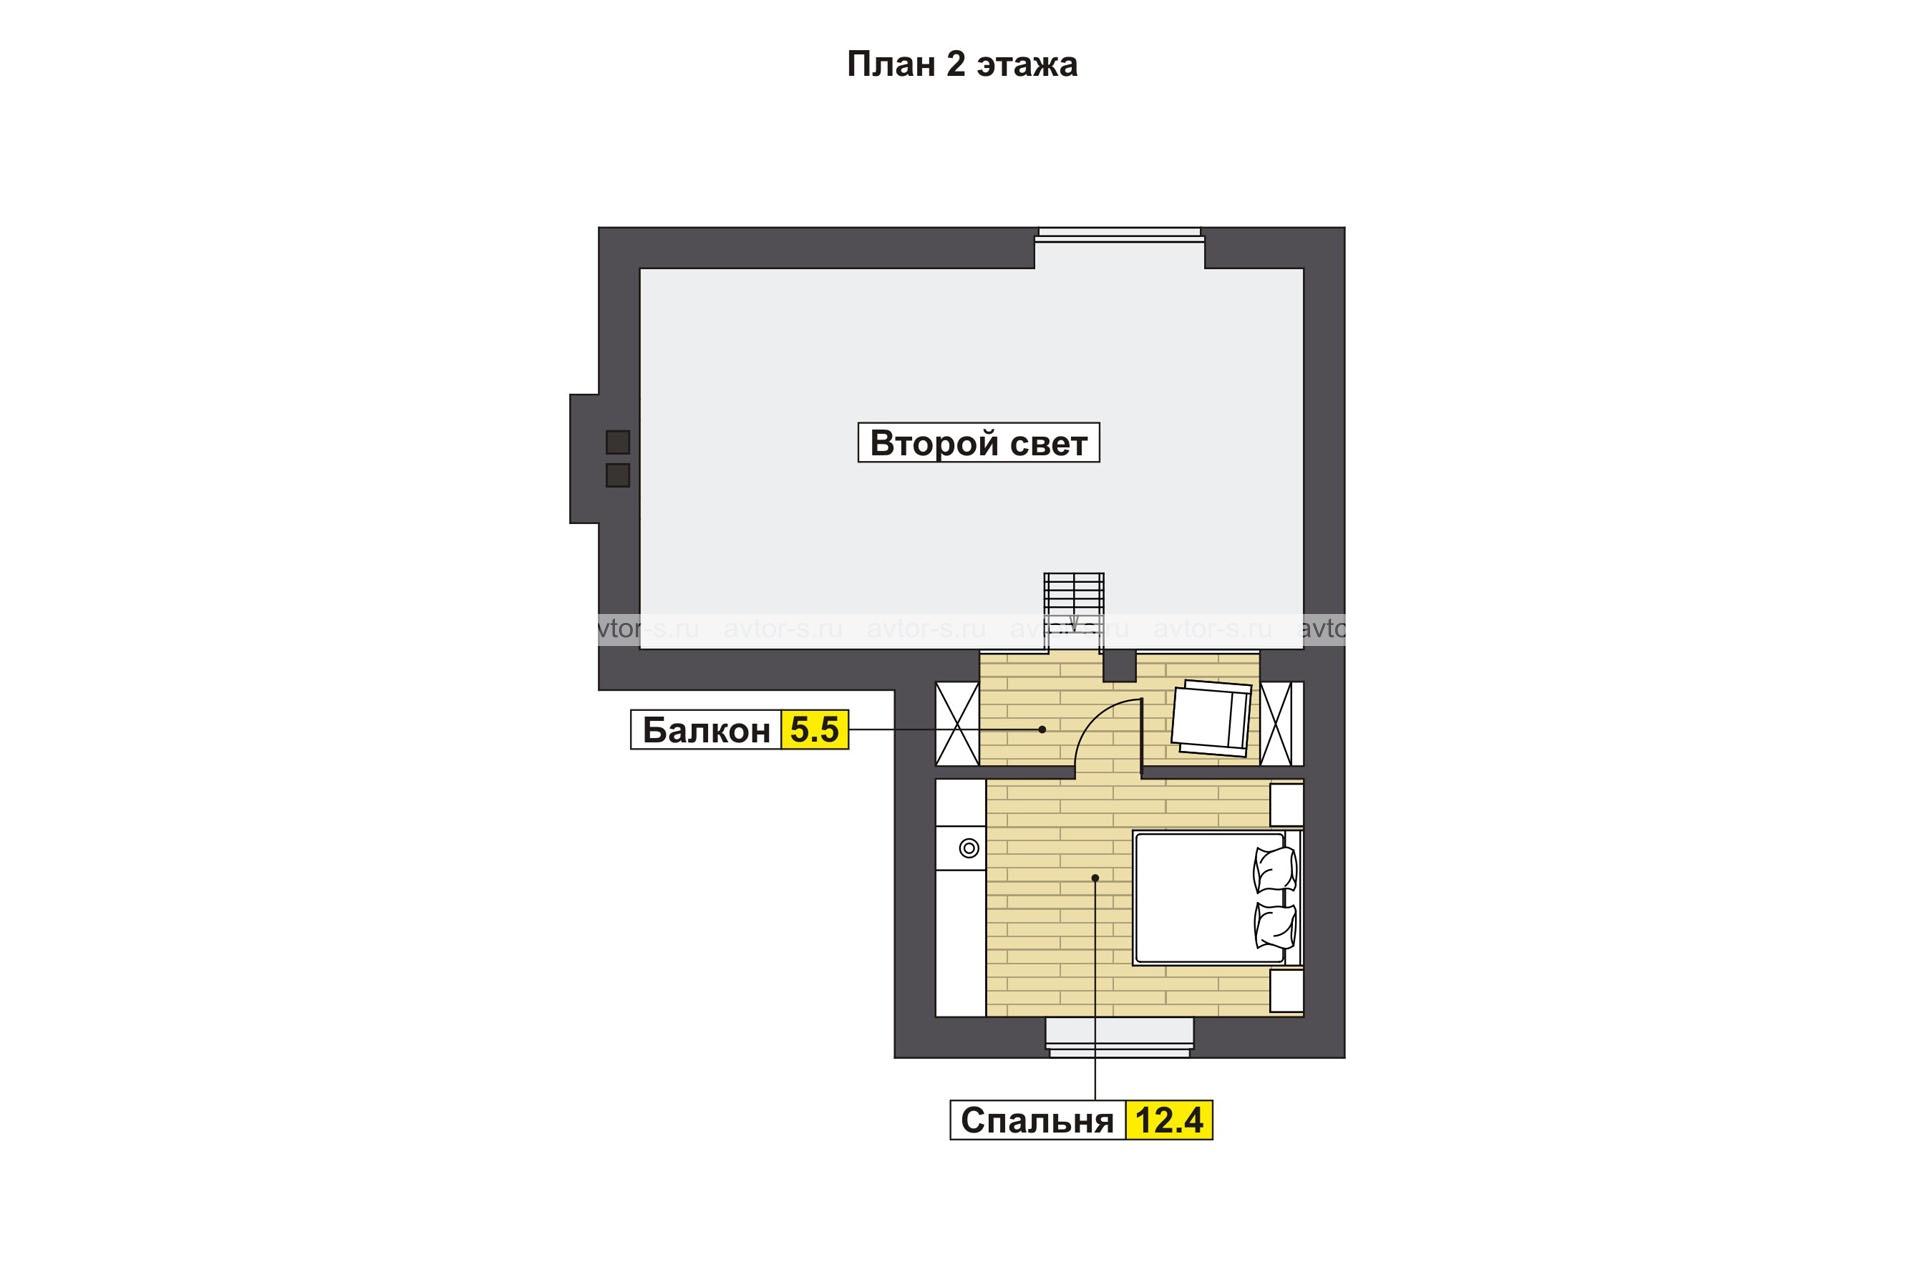 Проект AV316 план